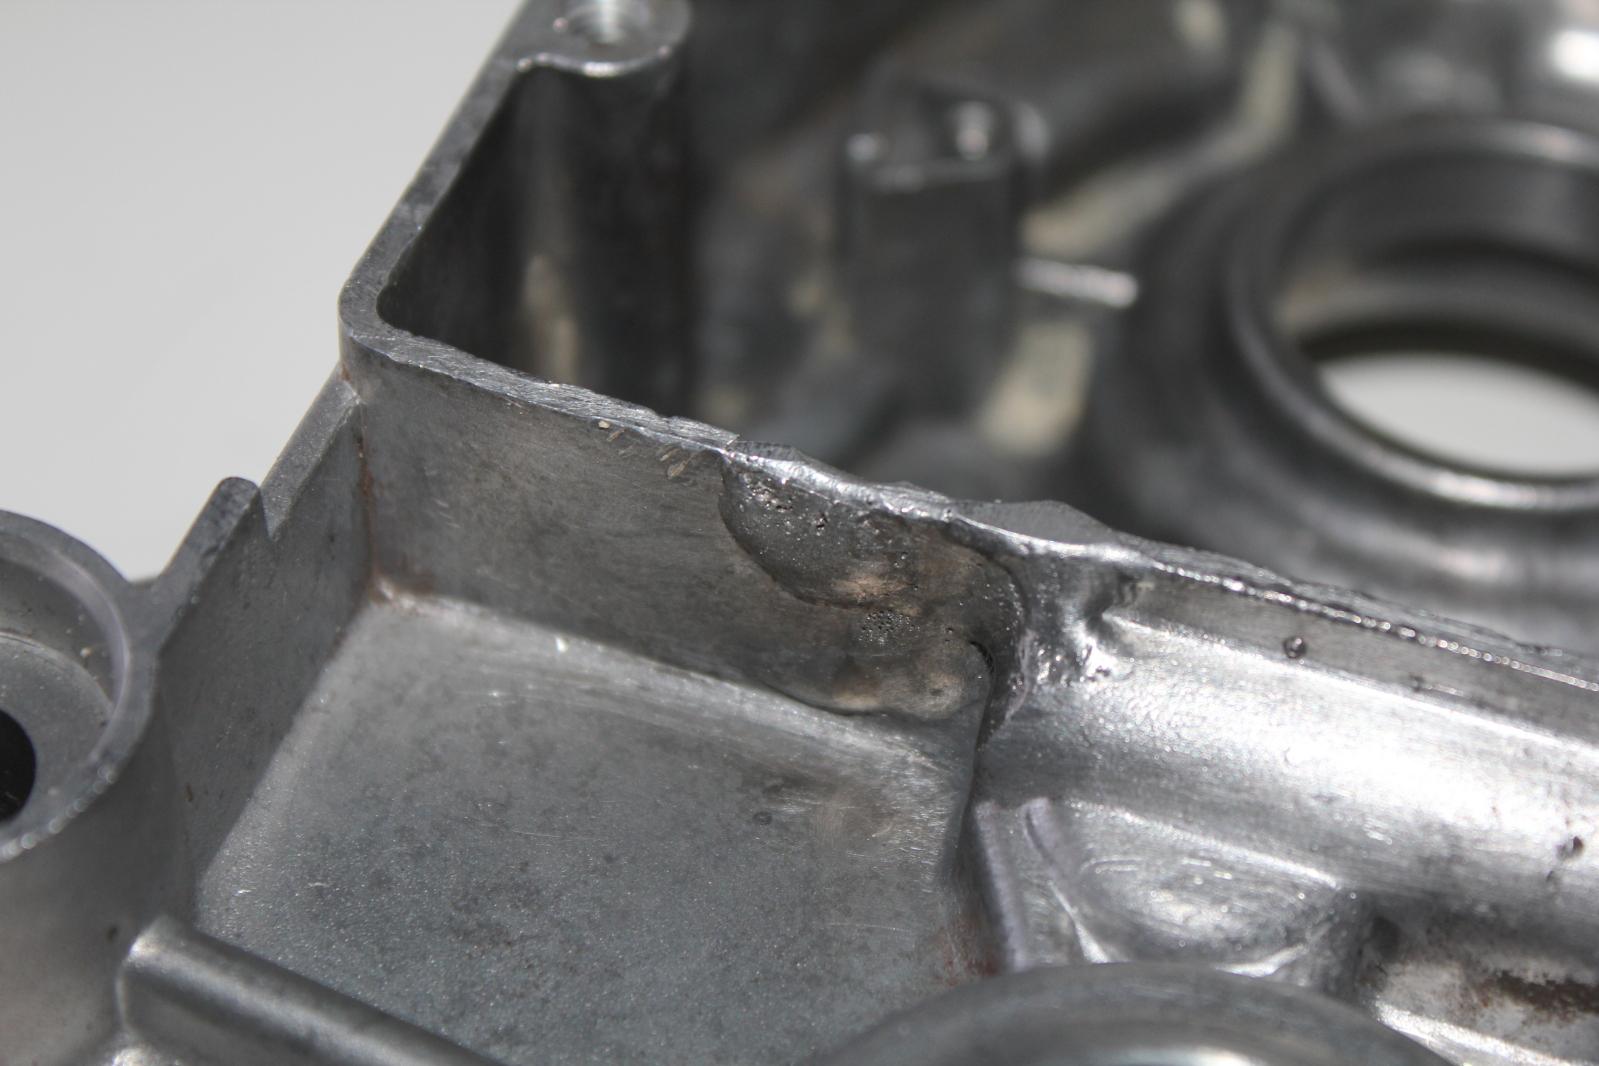 encendido - Mejoras en motores P3 P4 RV4 DL P6 K6... - Página 3 K1xwyq